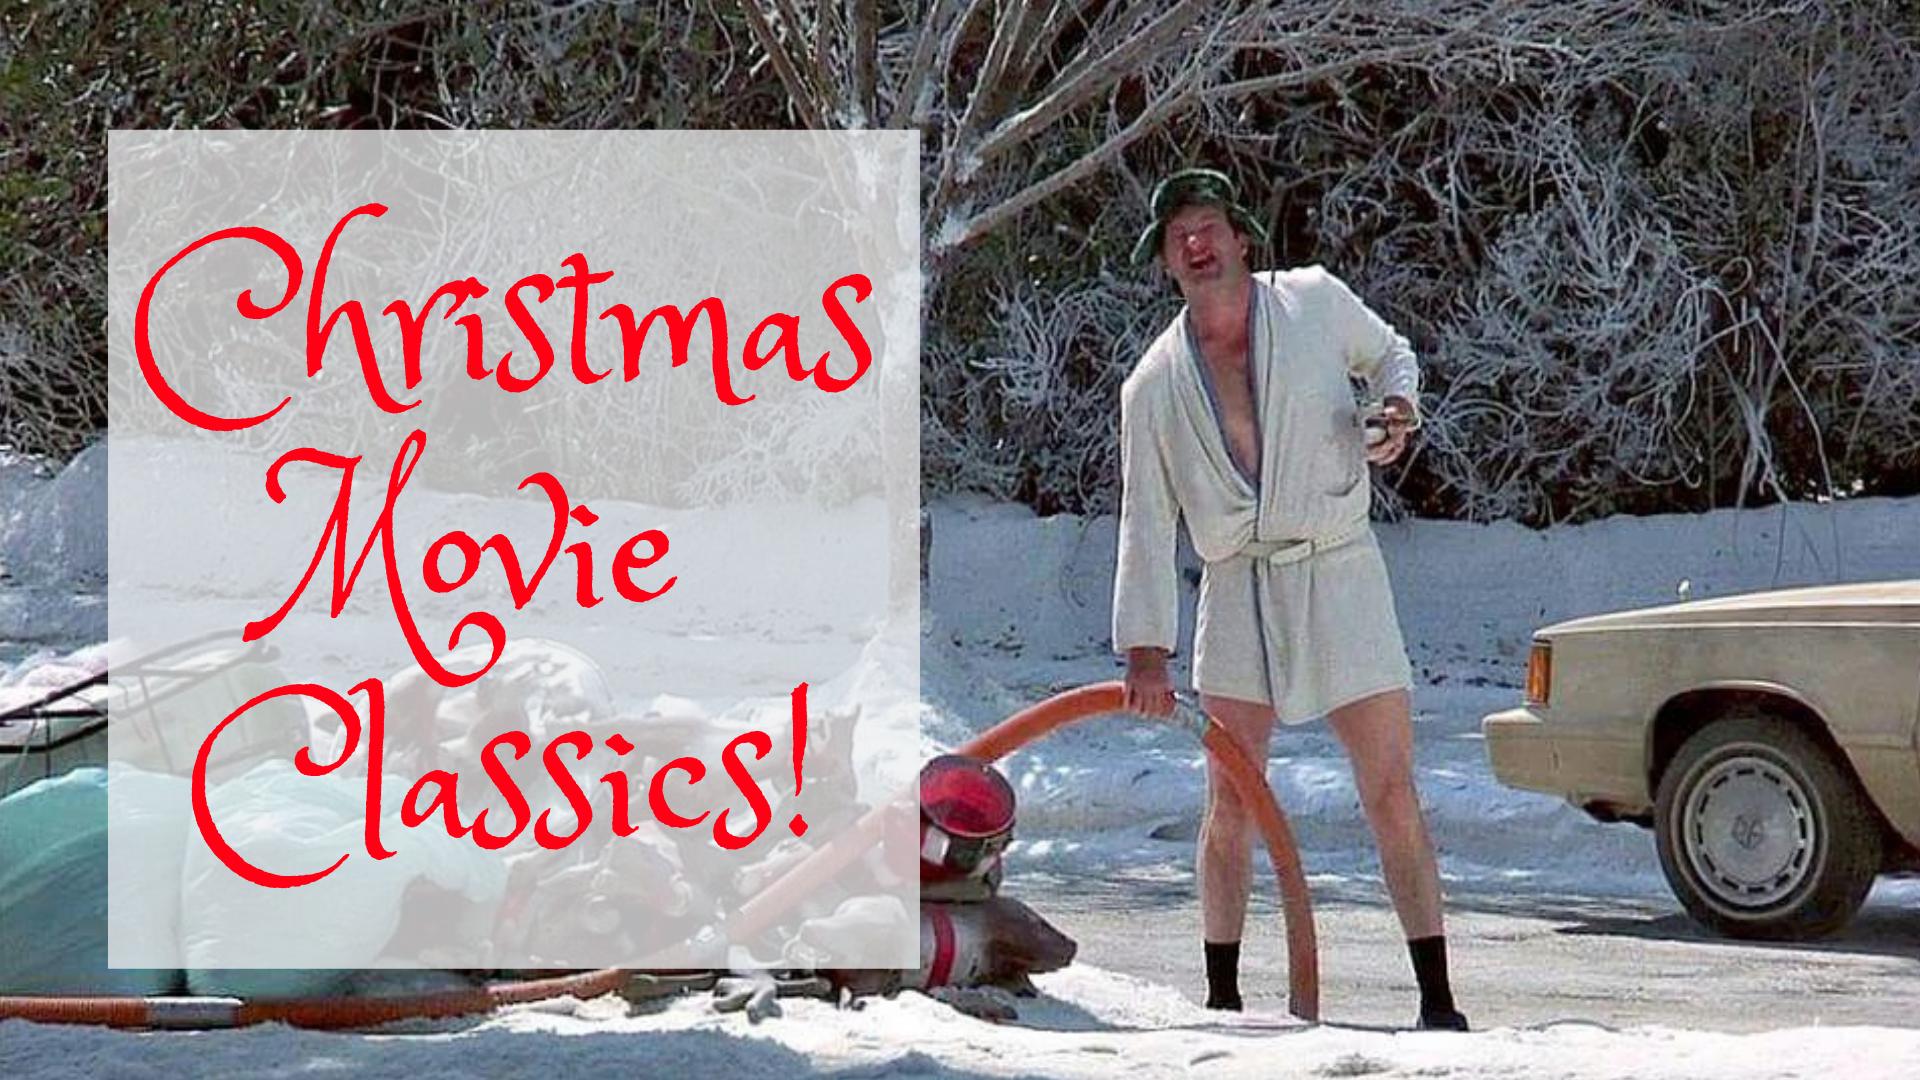 ChristmasClassics